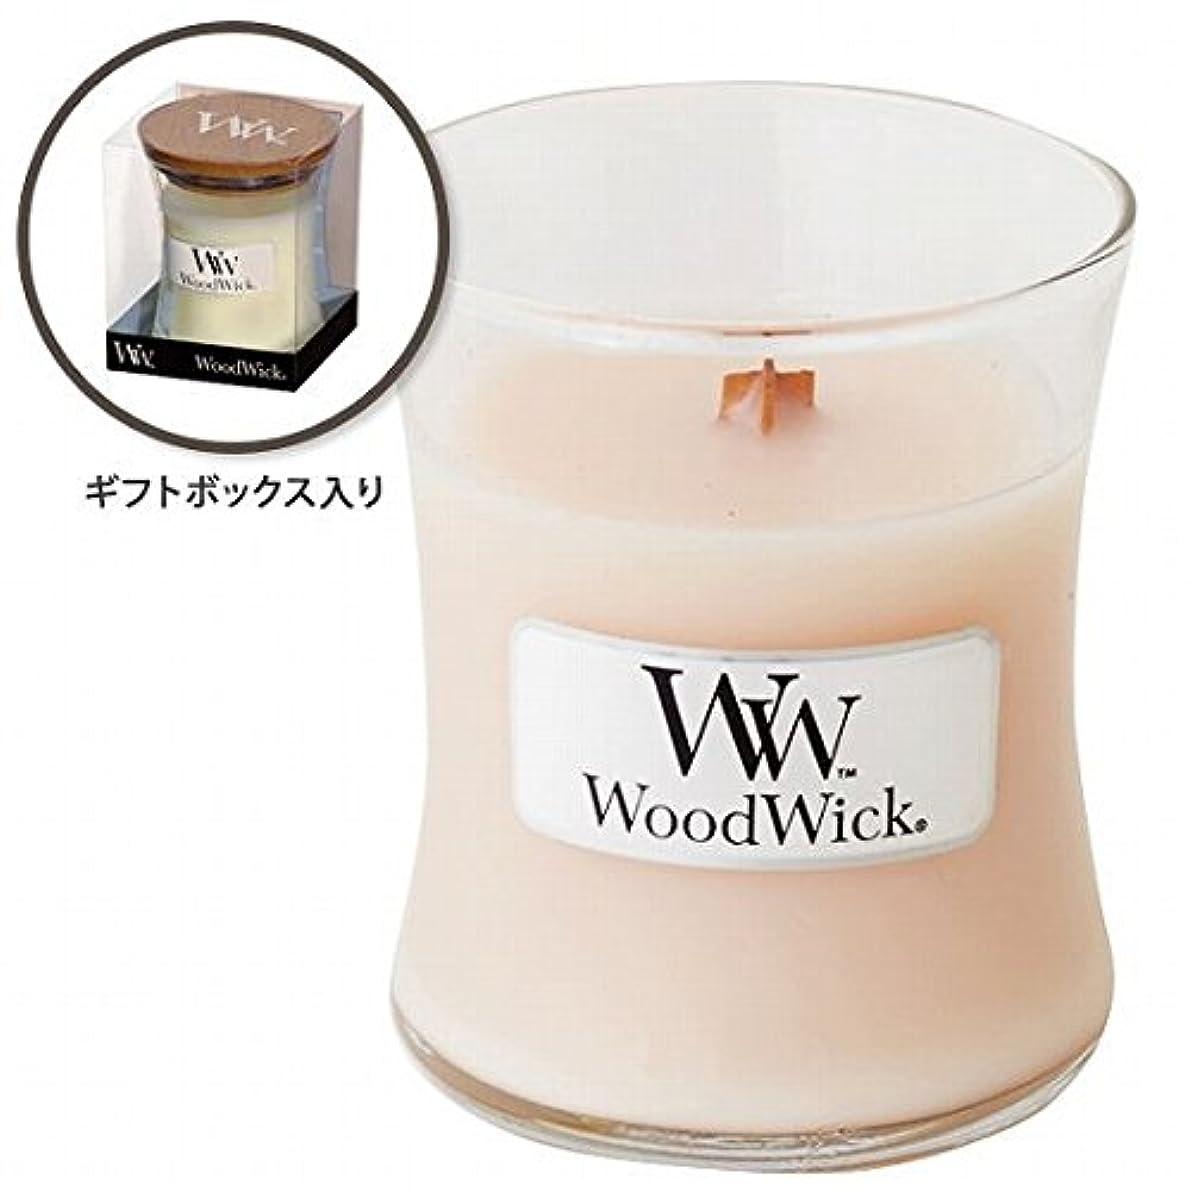 マトロン成人期一口ウッドウィック( WoodWick ) Wood WickジャーS 「コースタルサンセット」